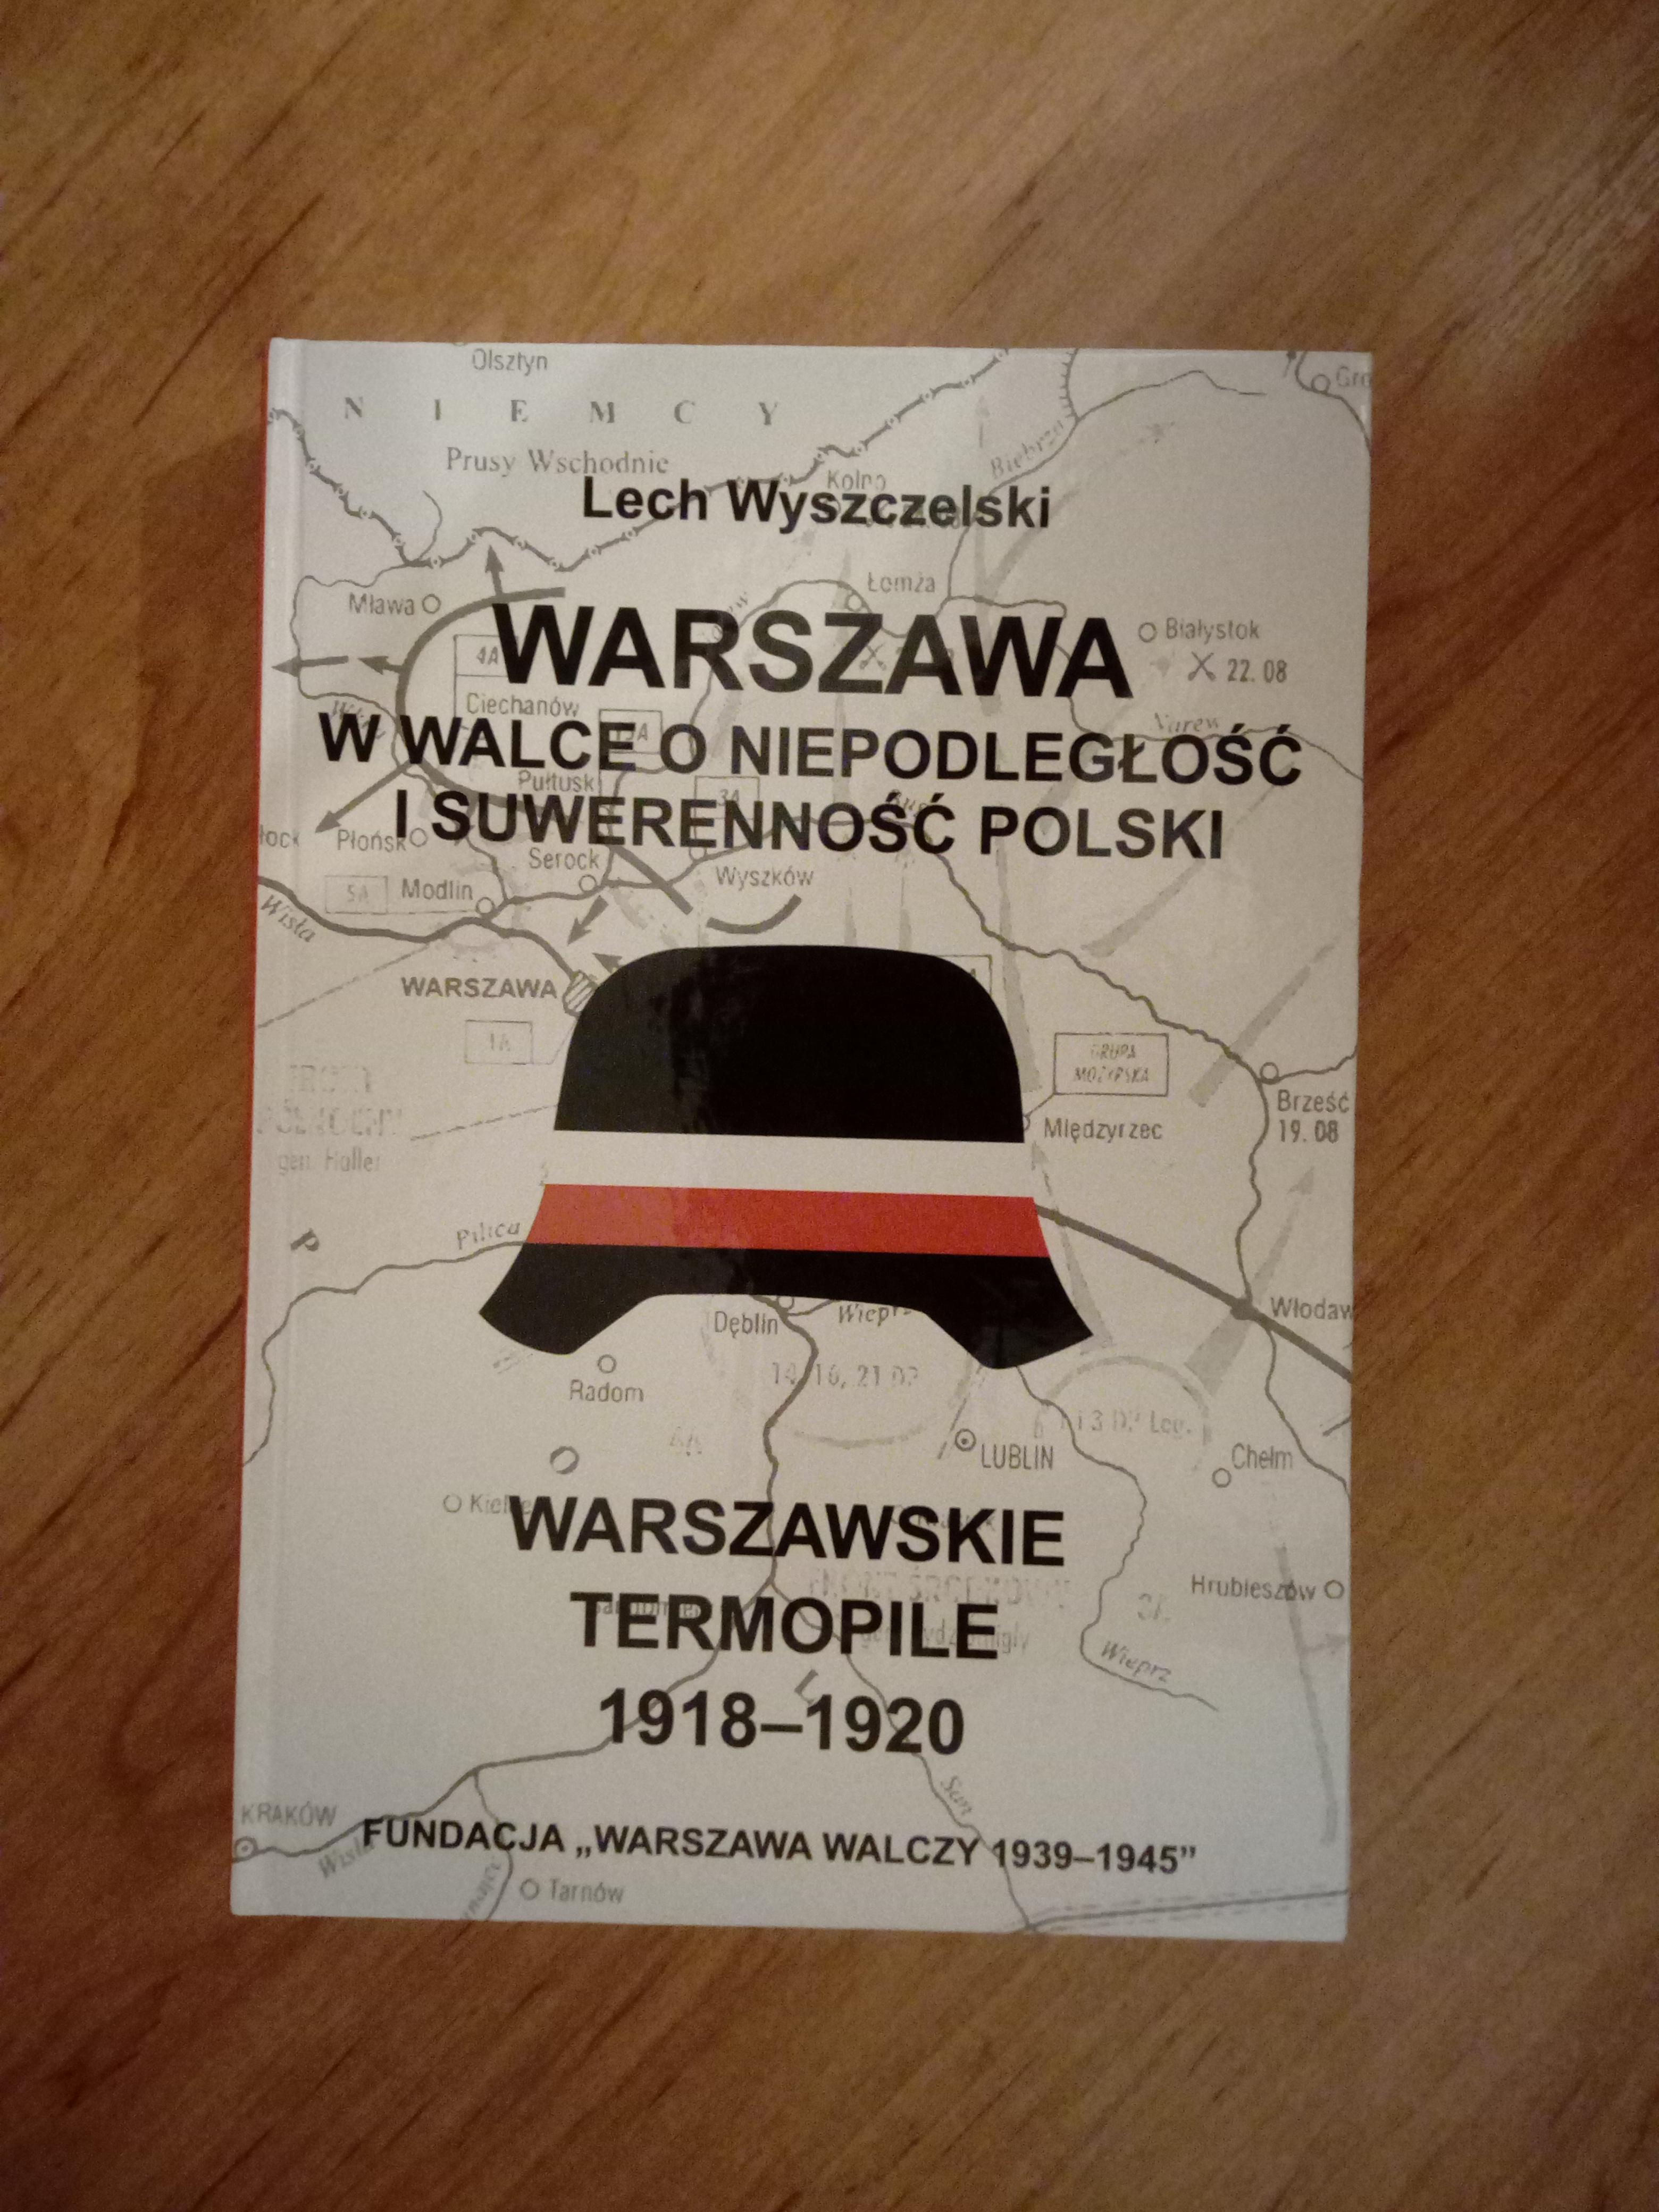 Warszawa w walce o niepodległość i suwerenność Polski (L.Wyszczelski)